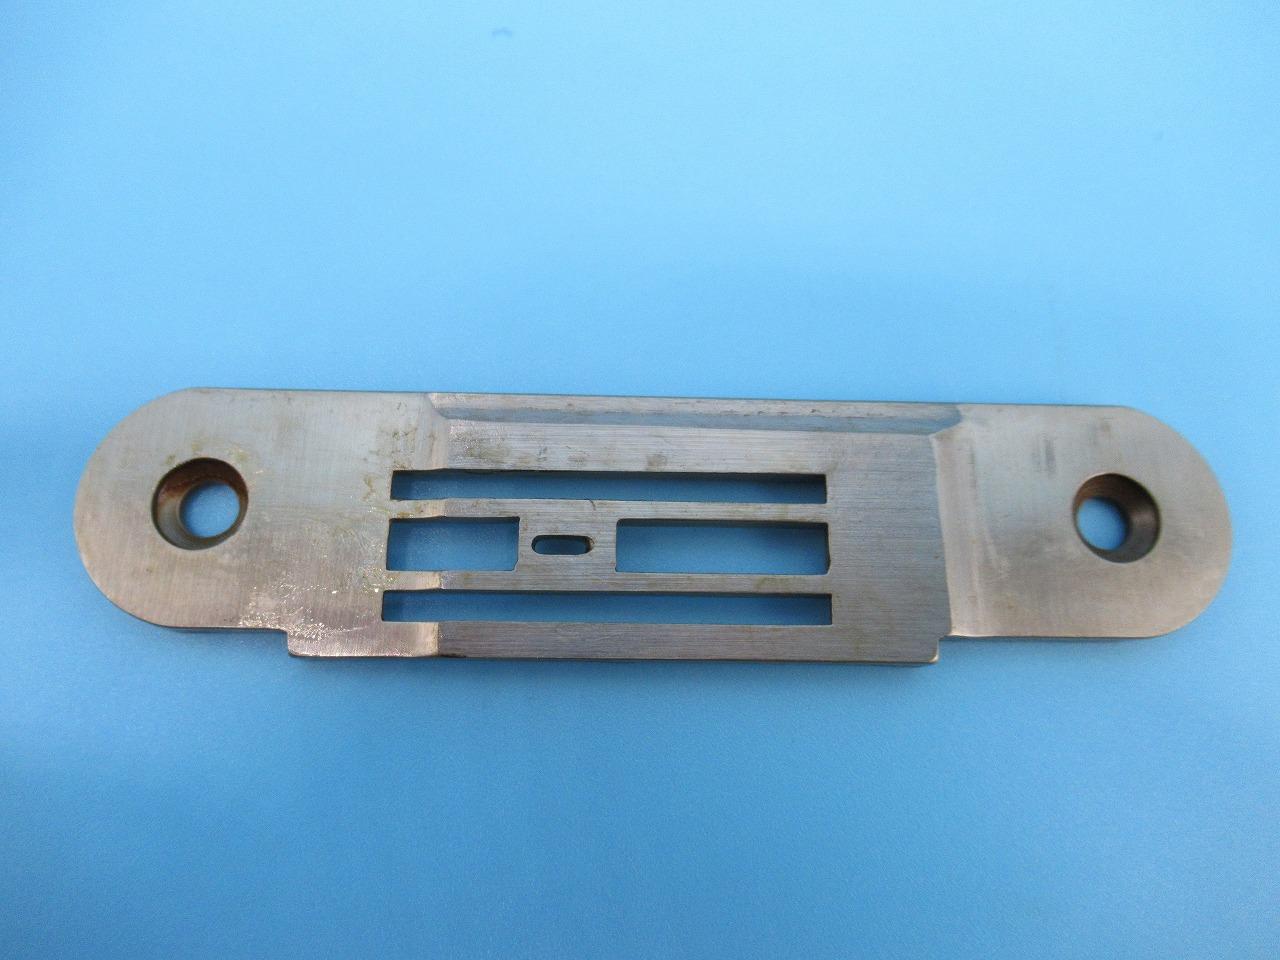 新品 シンガー 147型用 針板 1本針 引き出物 サービス